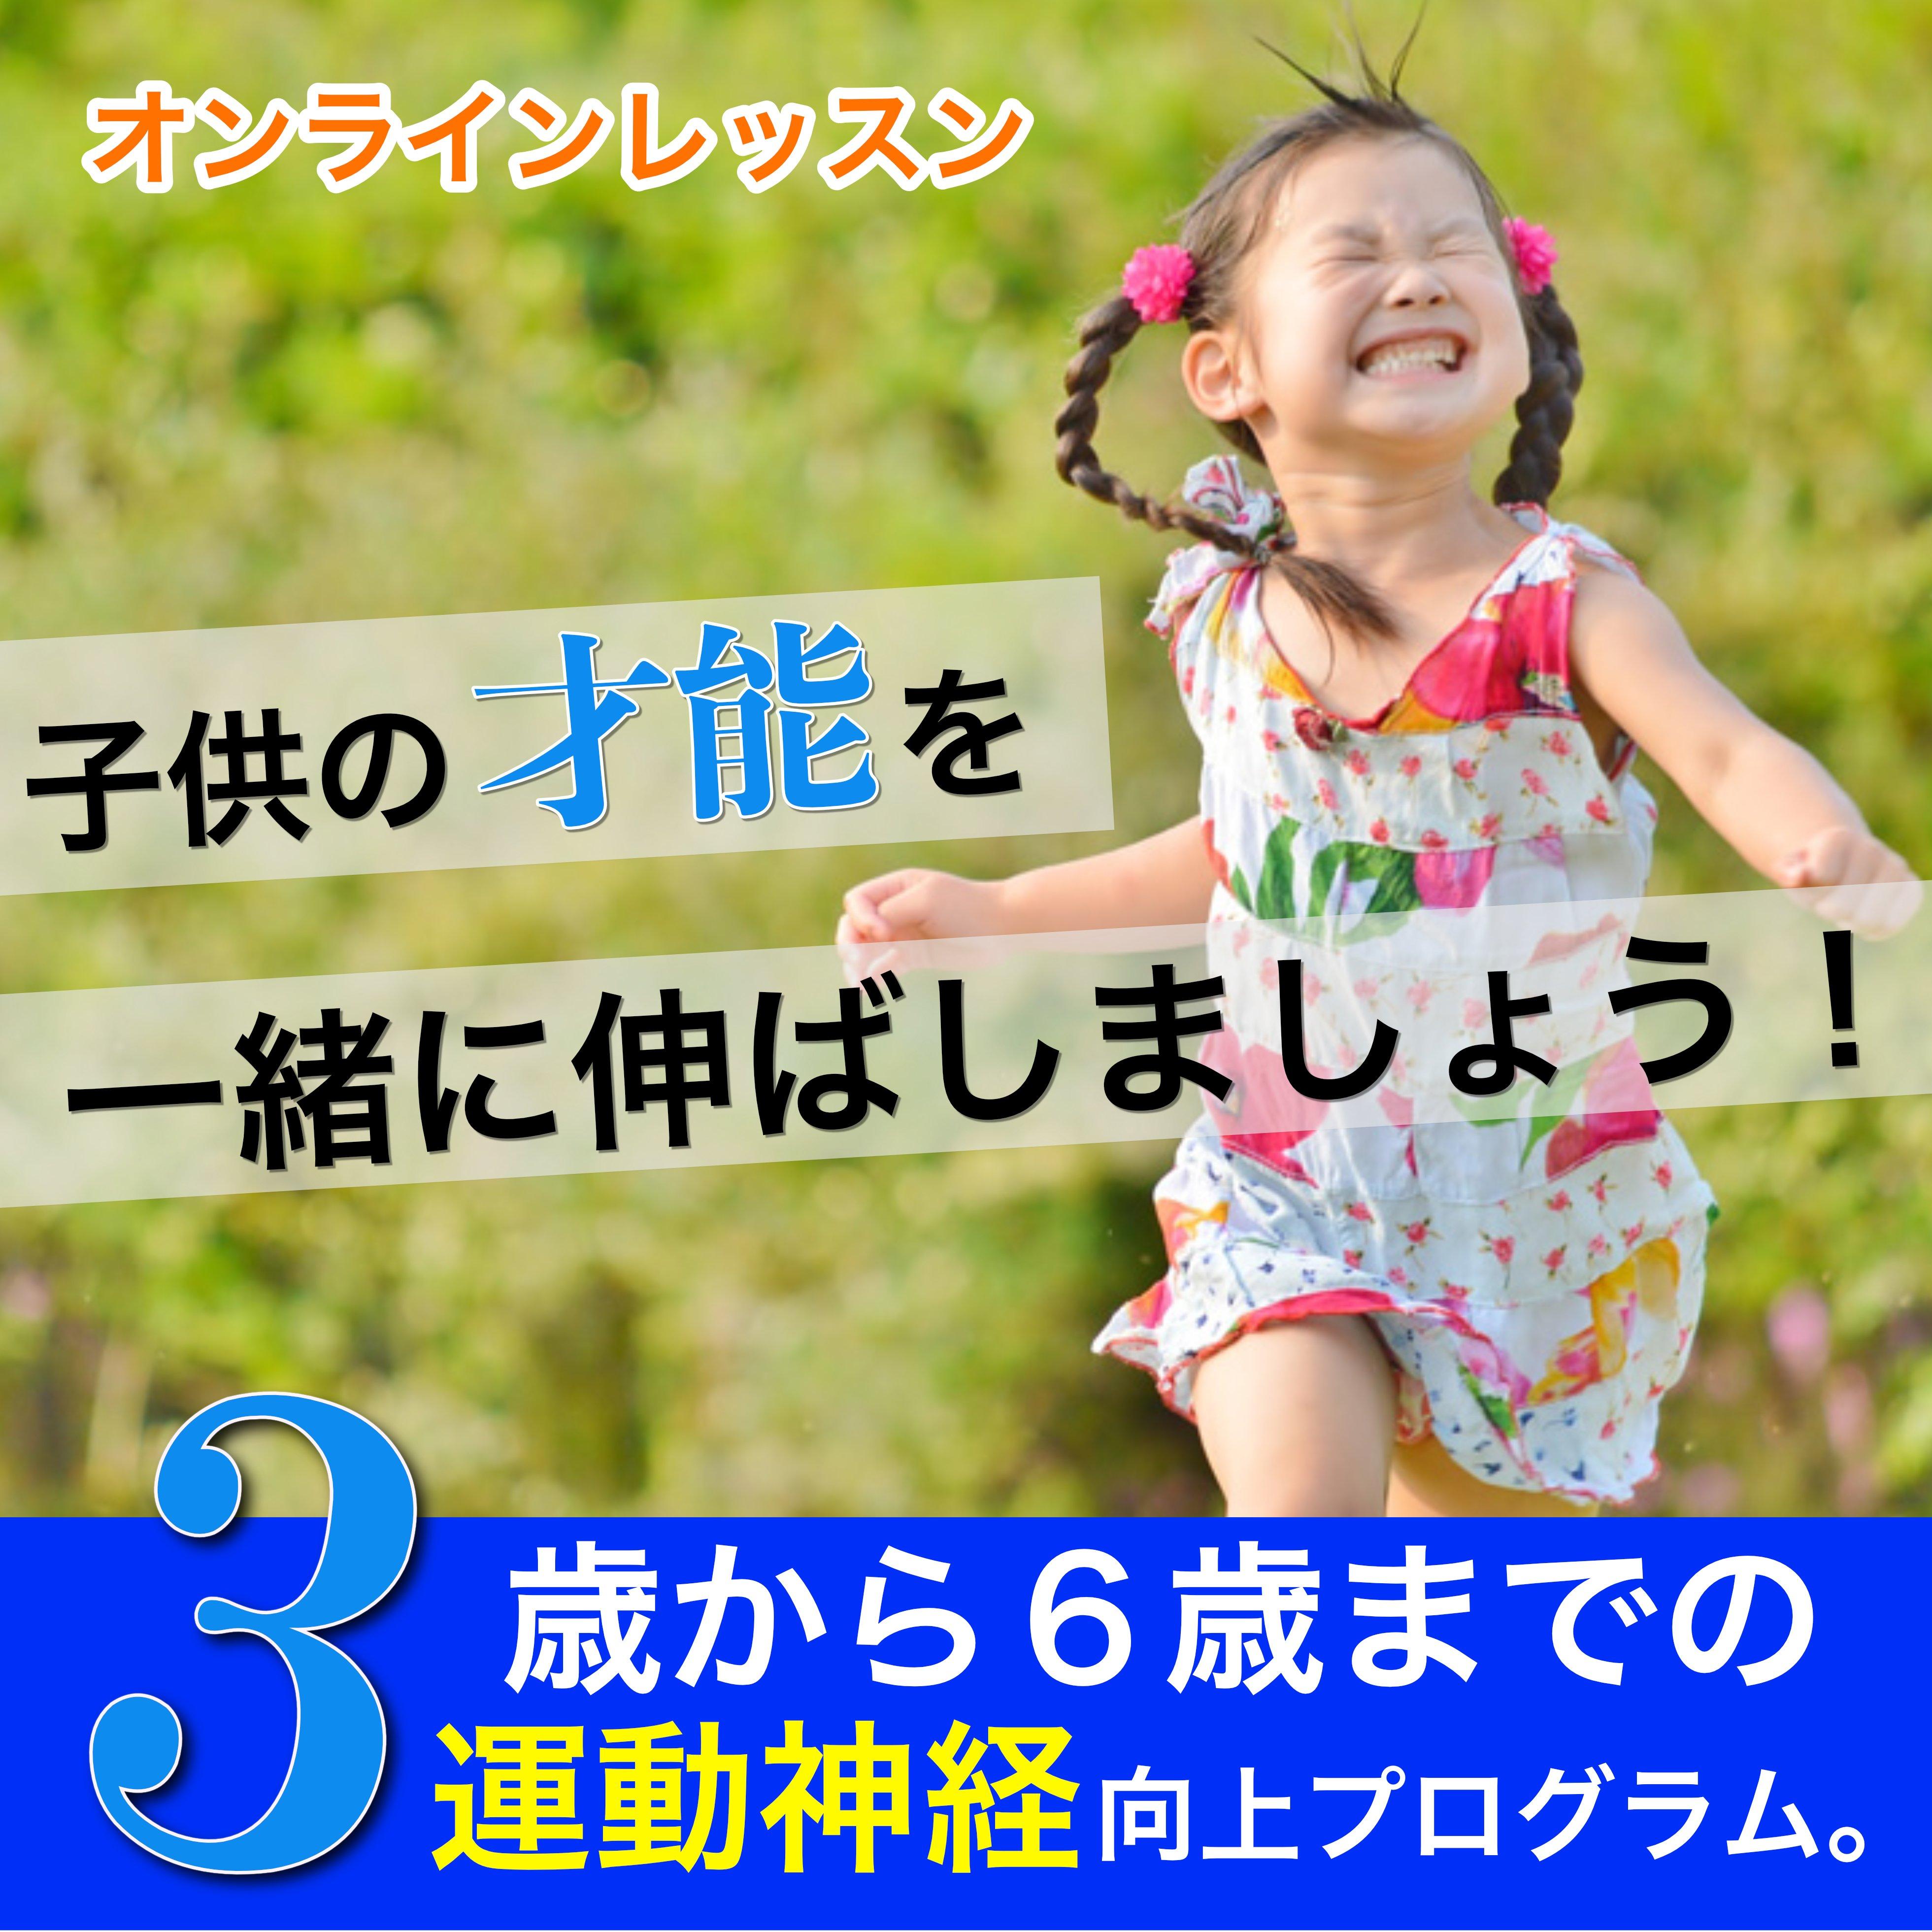 3歳から6歳までの運動神経向上プログラム【オンライン】30分のイメージその1